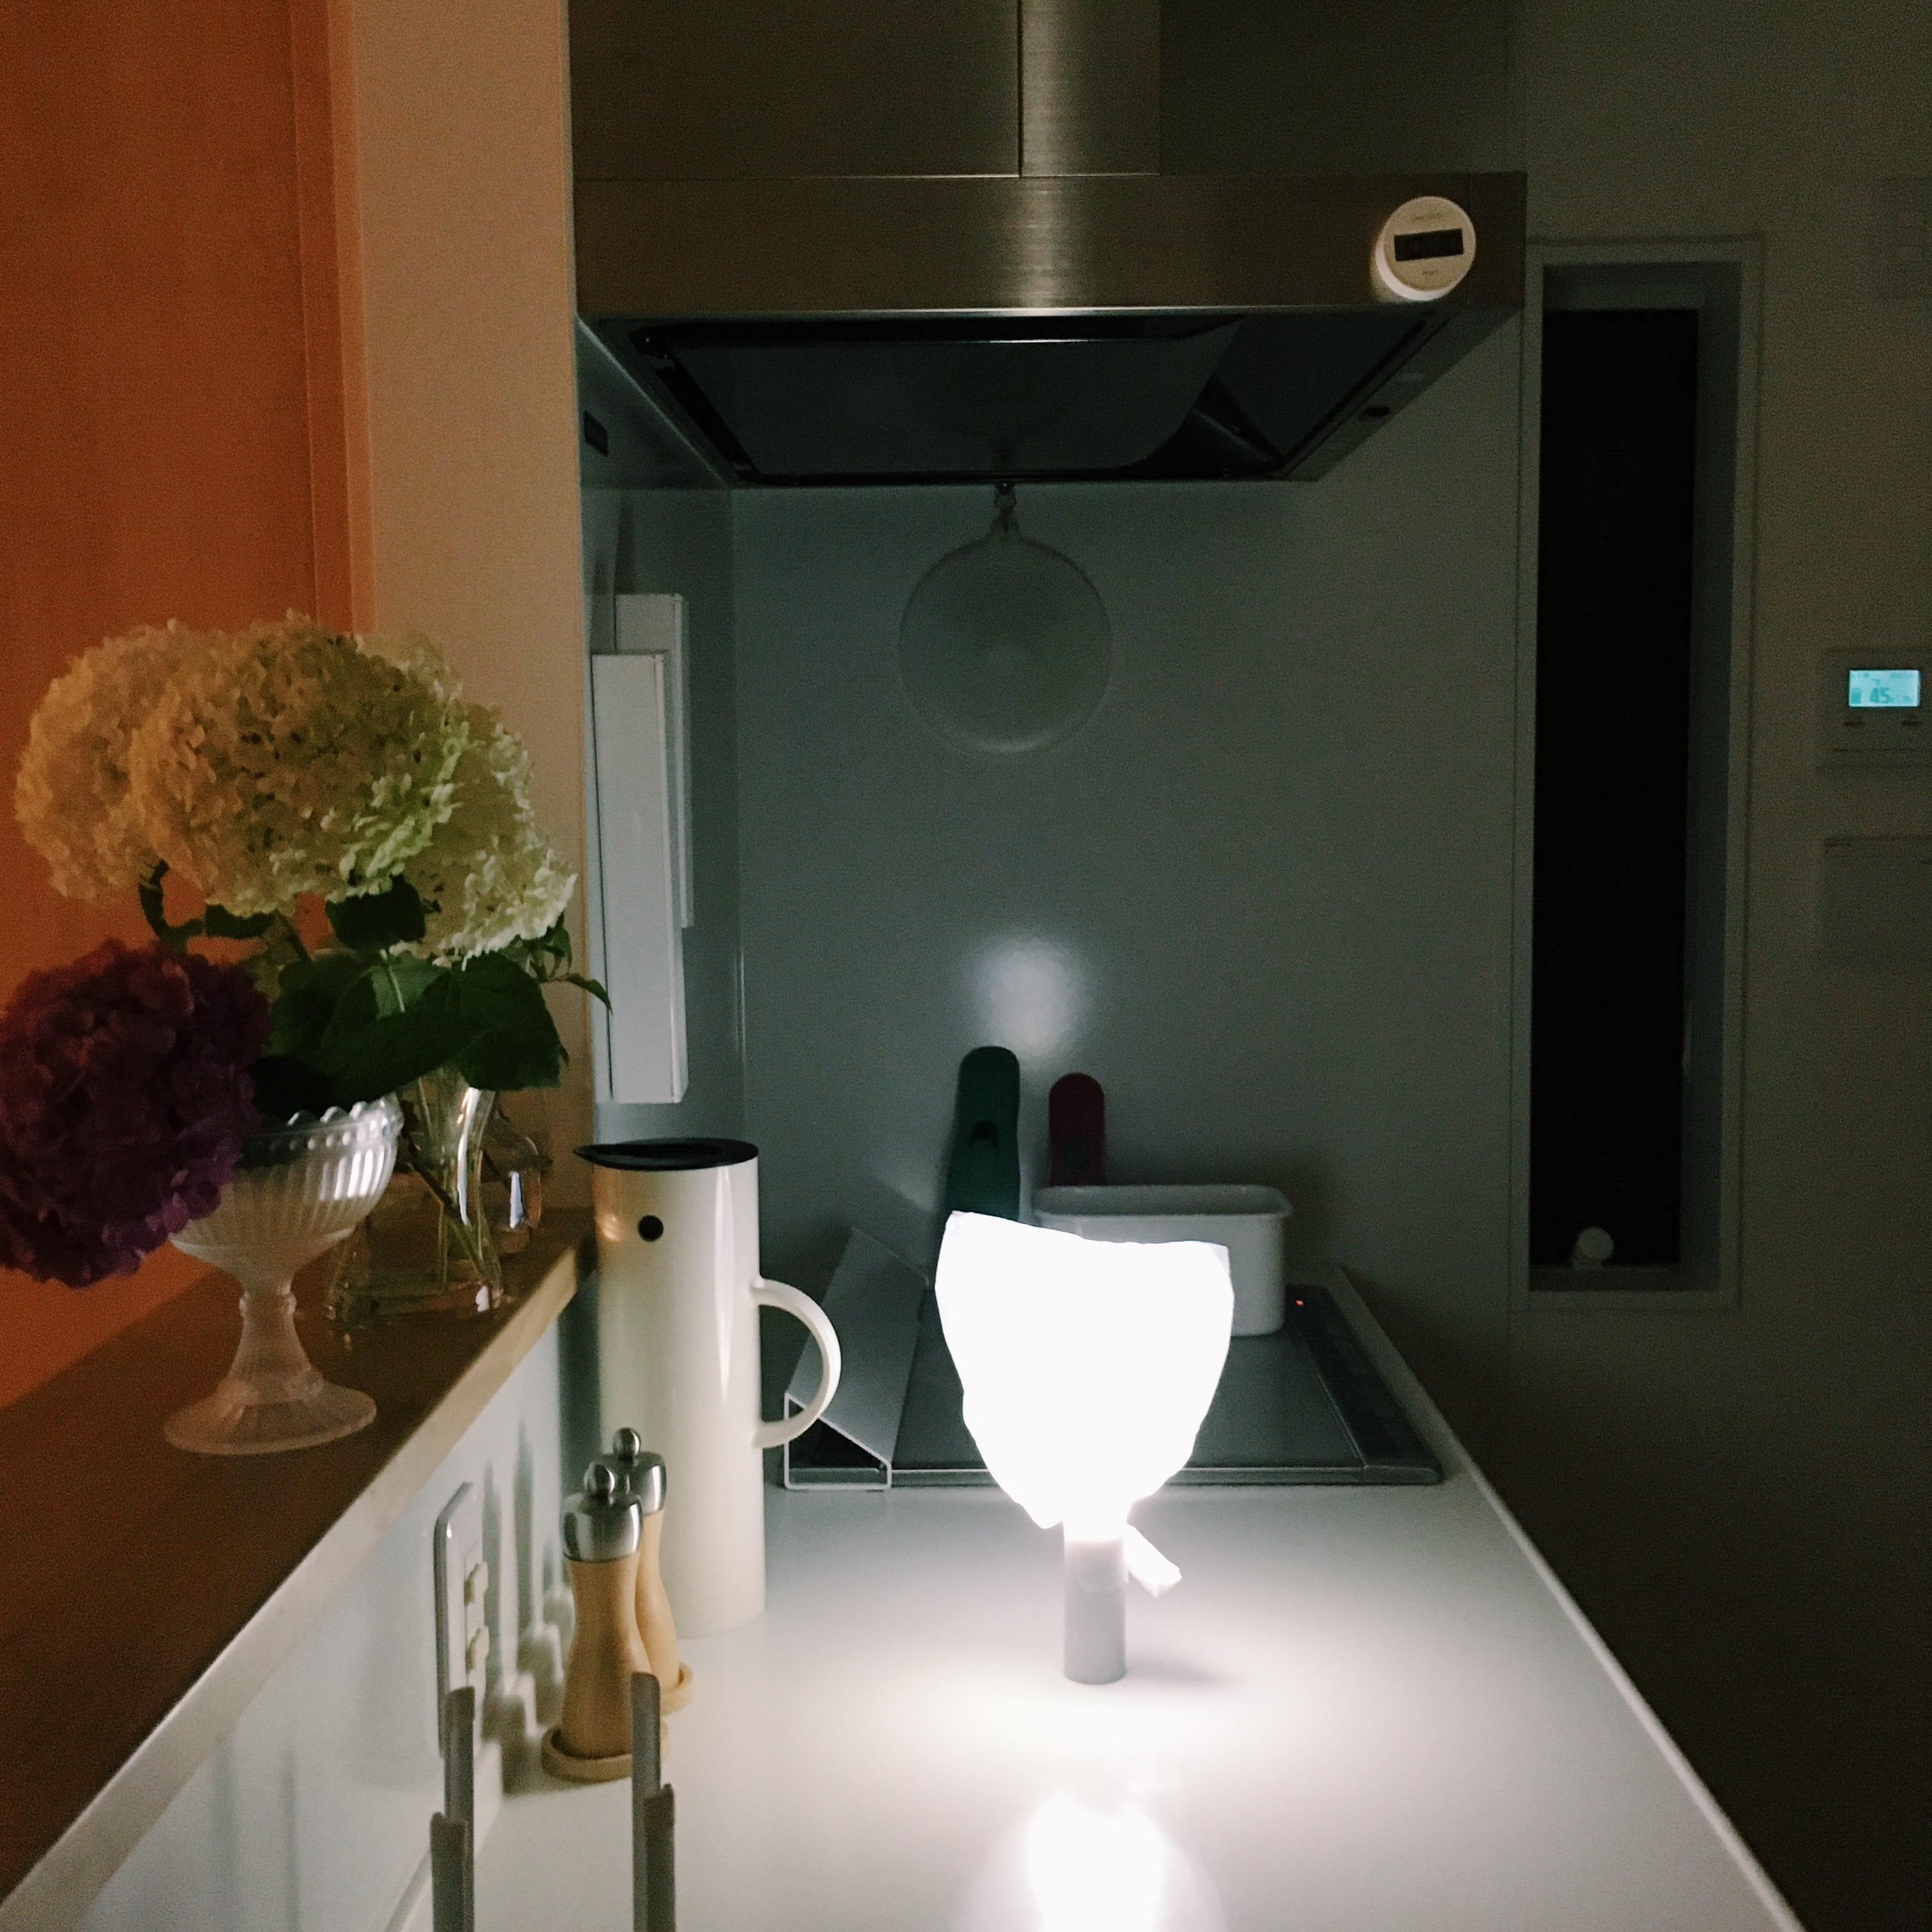 【停電の時の明かり】ライトとレジ袋で、部屋を柔らかく照らそう